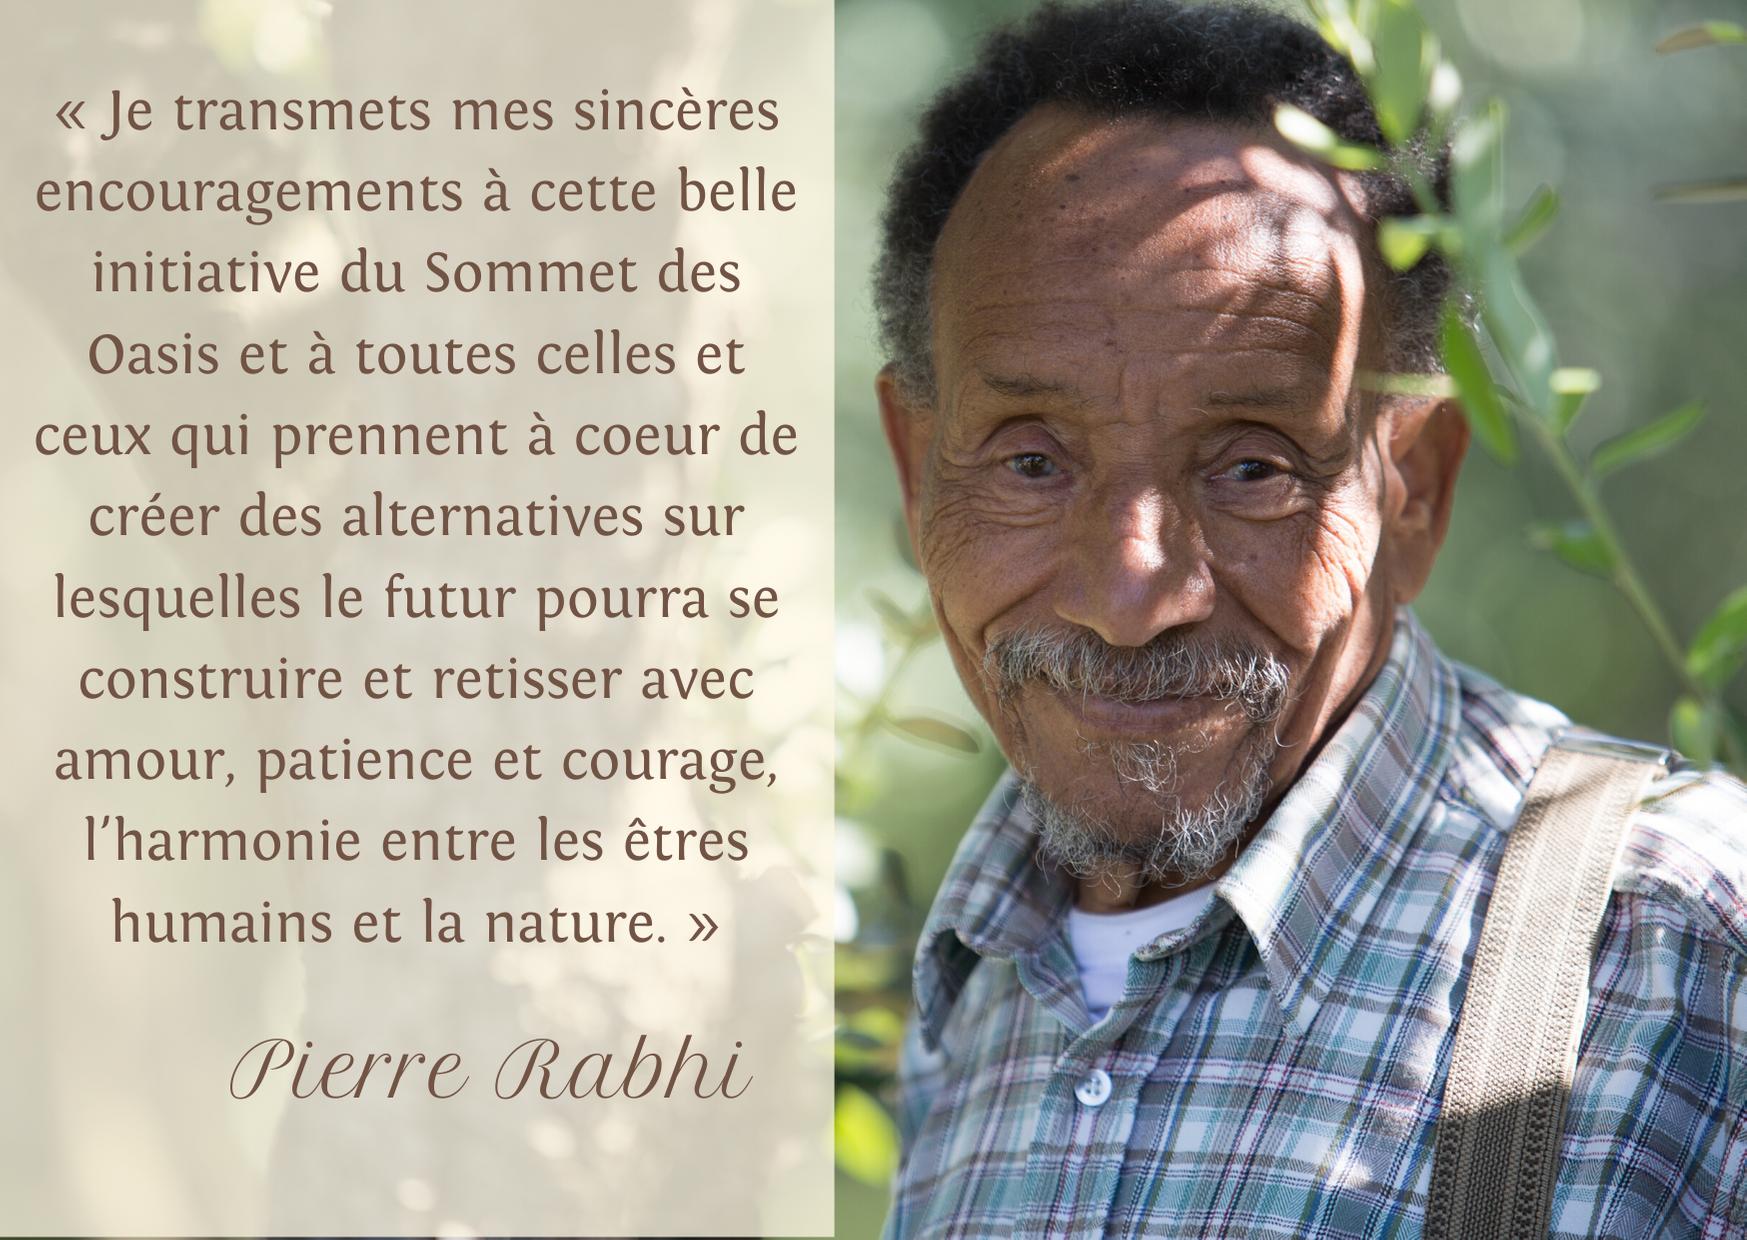 Soutien de Pierre Rabhi